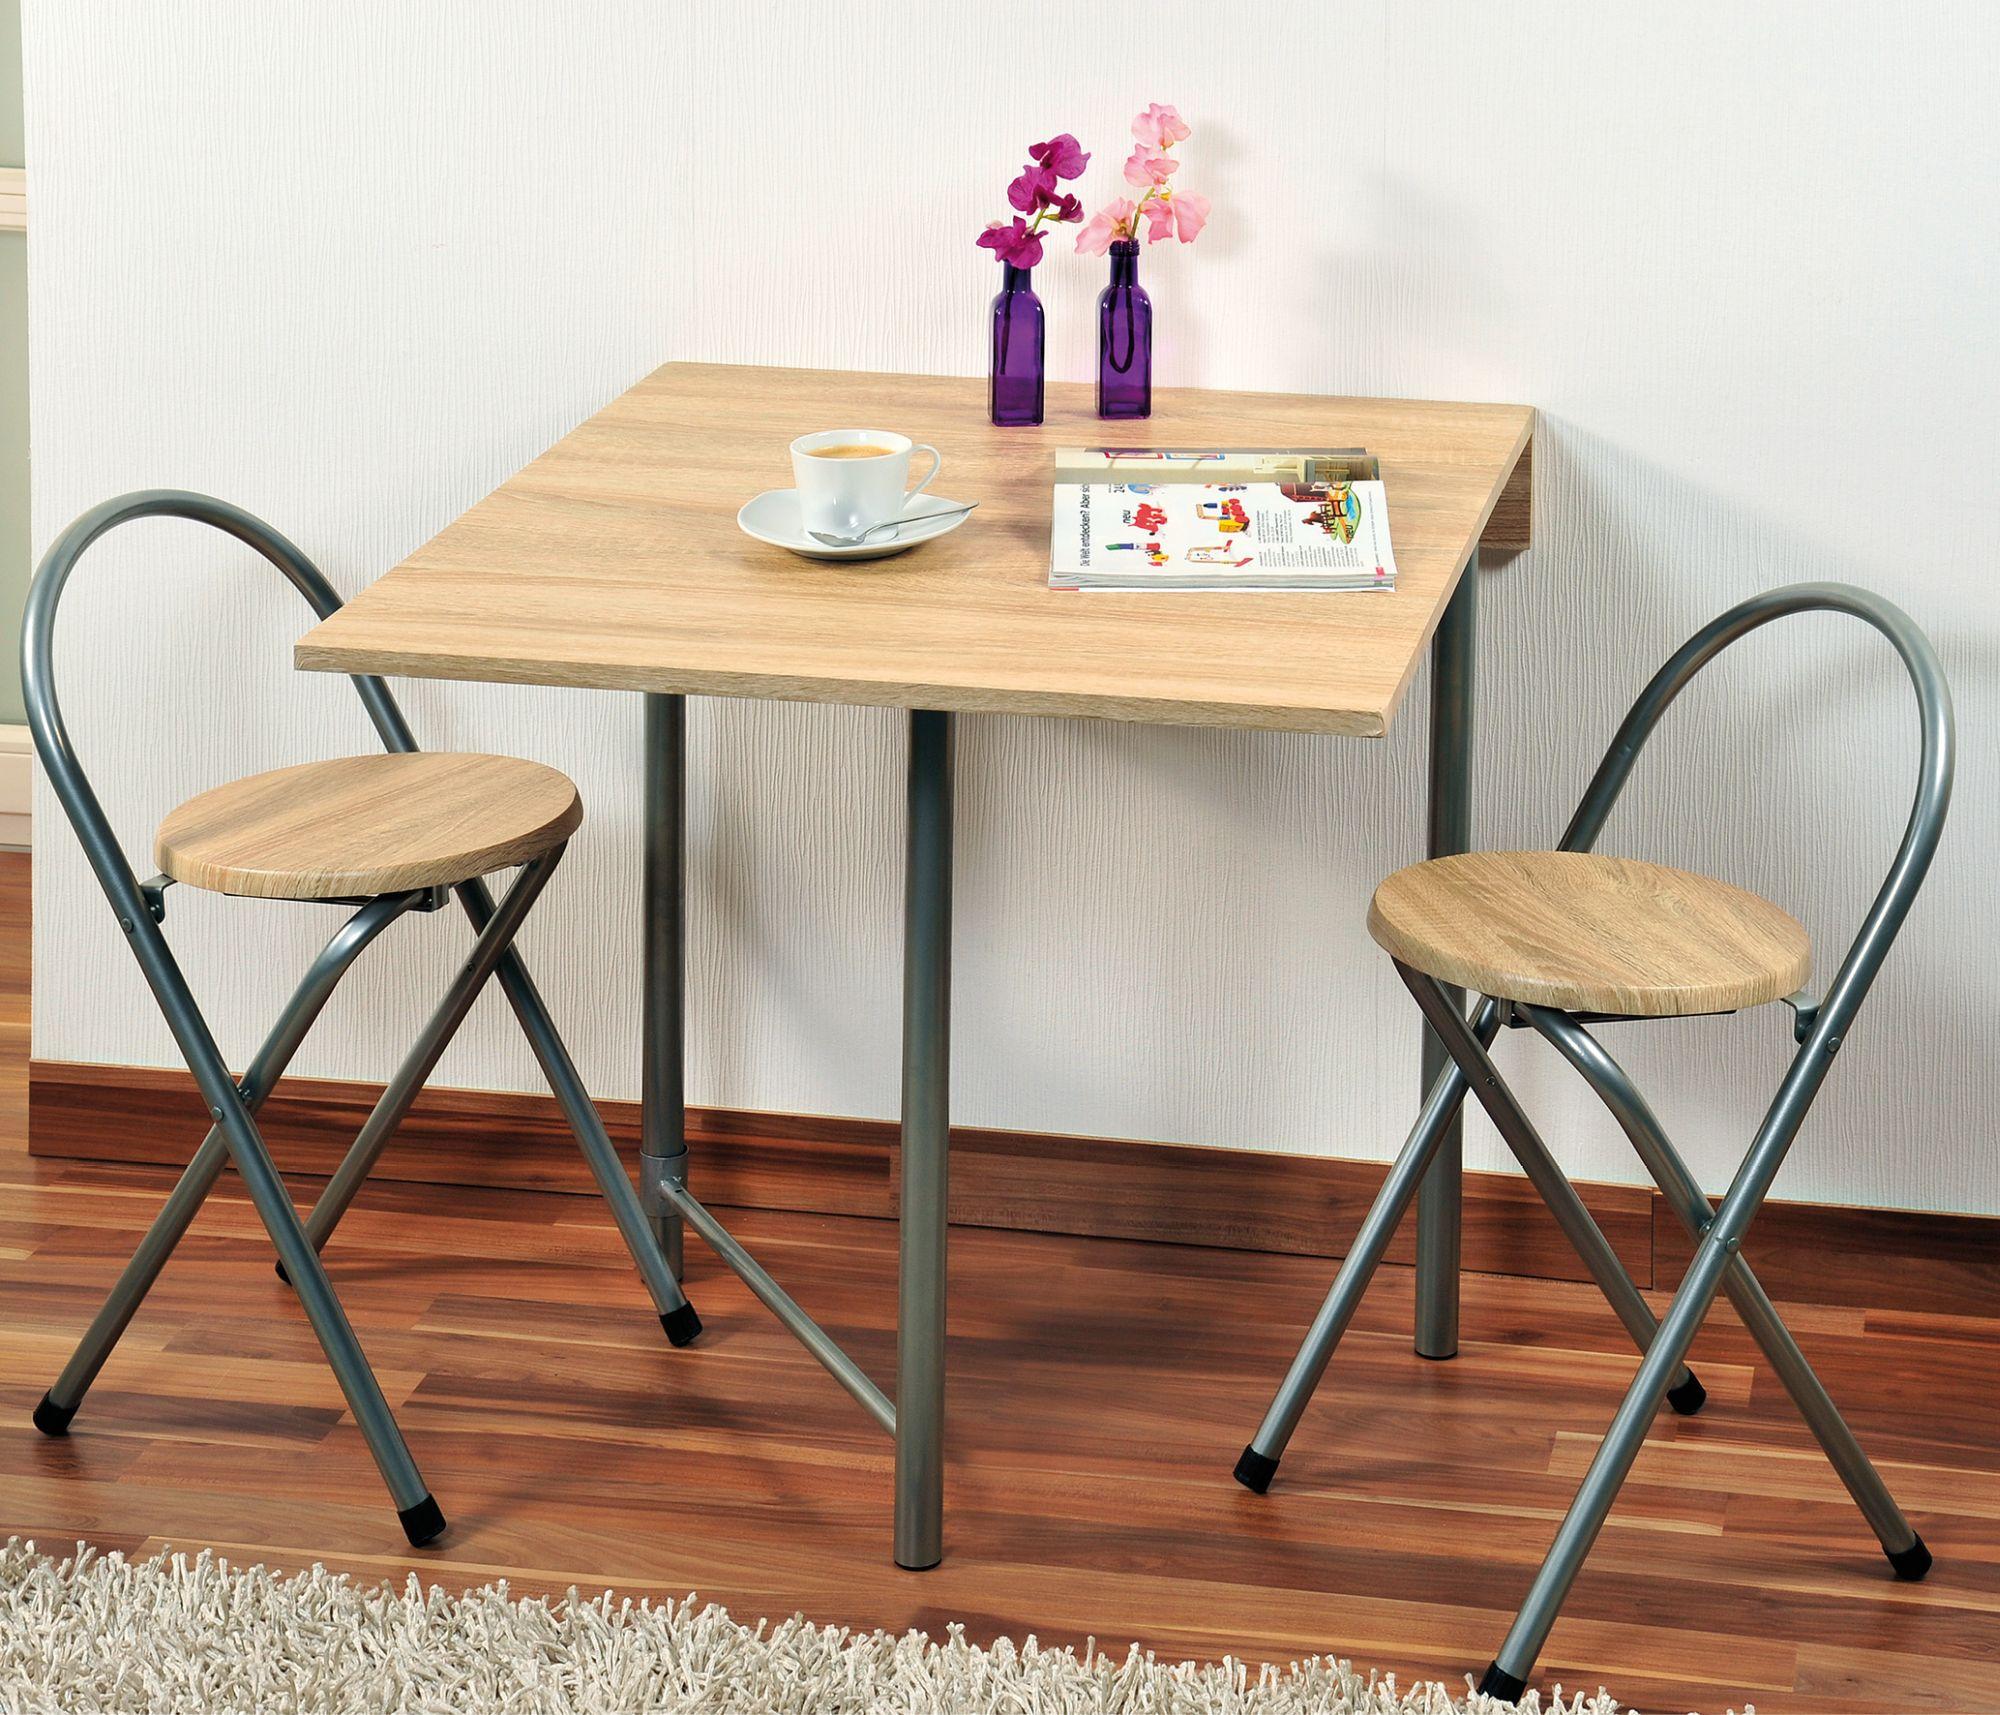 Kesper Küchentisch mit 16 Stühlen aus Metall und Eichendekor, 16er-Set, 16 x  16 x 16 cm